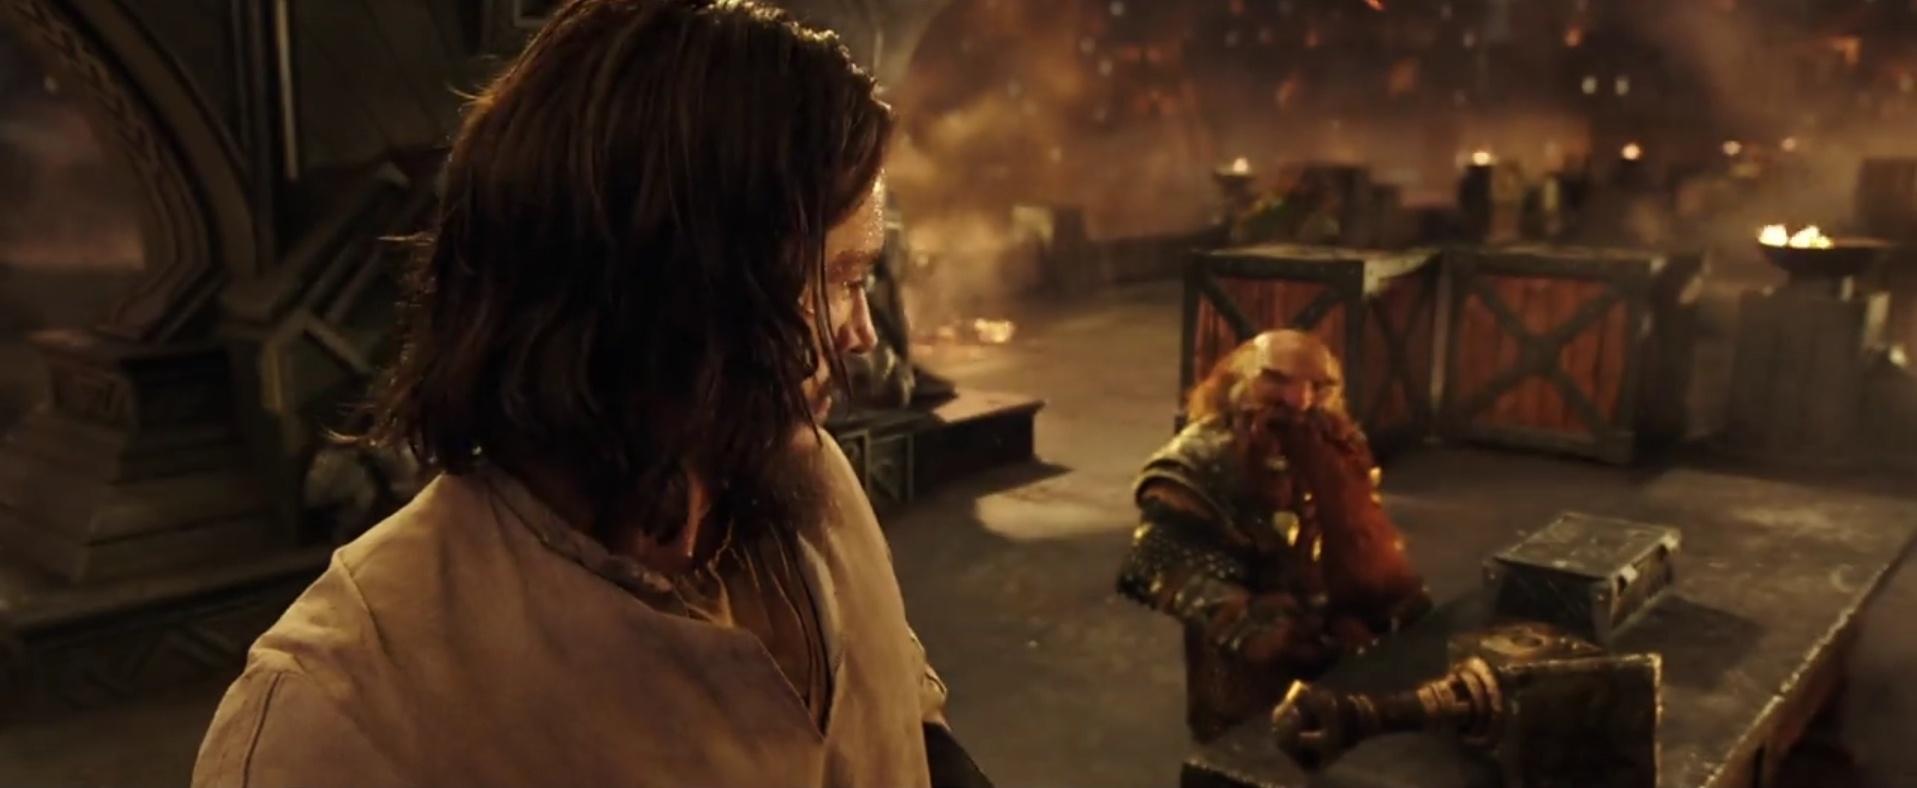 Movie dwarf hardcore images